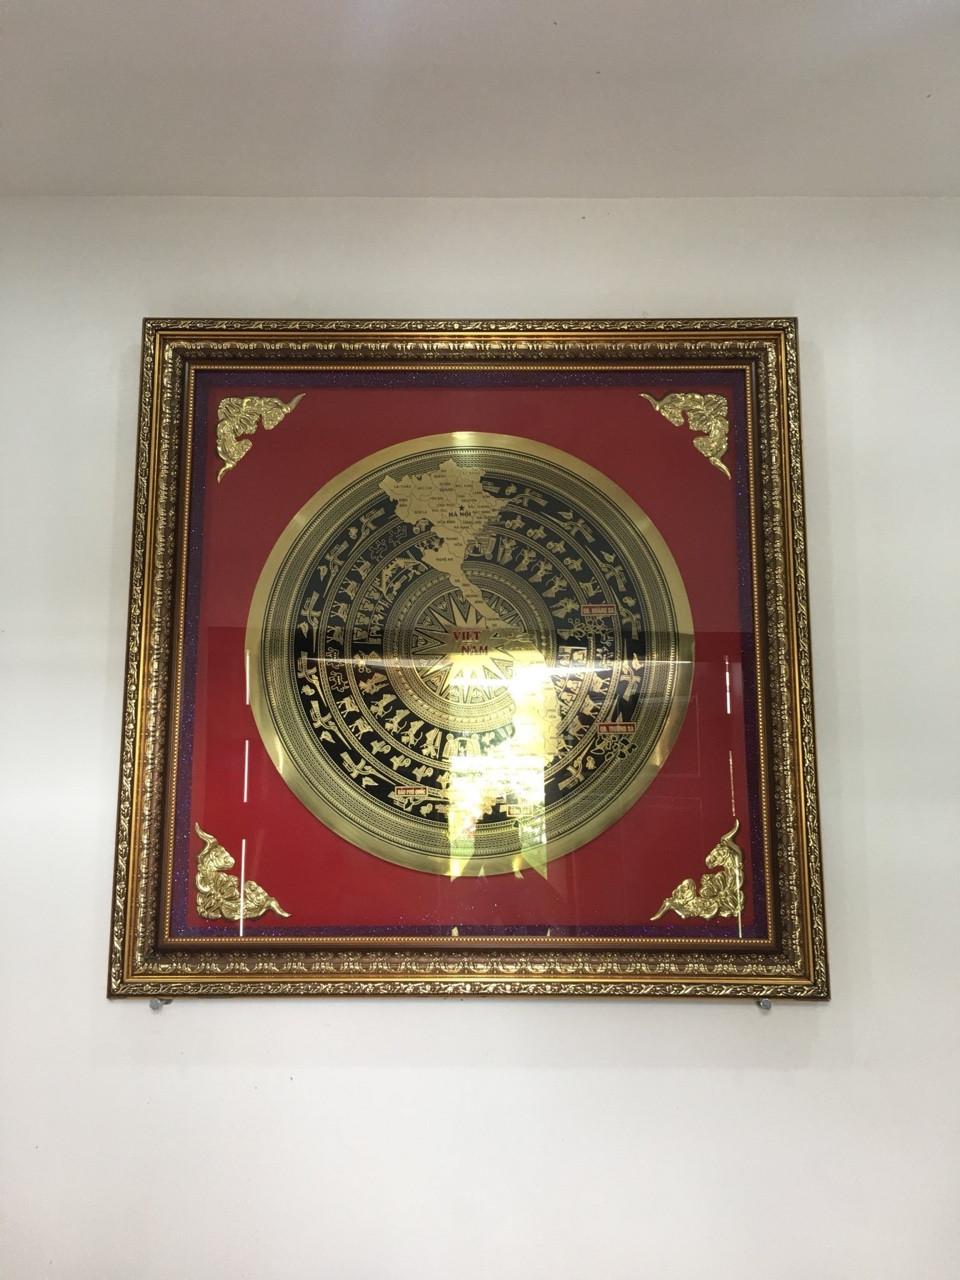 Tranh mặt trống đồng- quà tặng giá trị và ý nghĩa về văn hóa Việt Nam